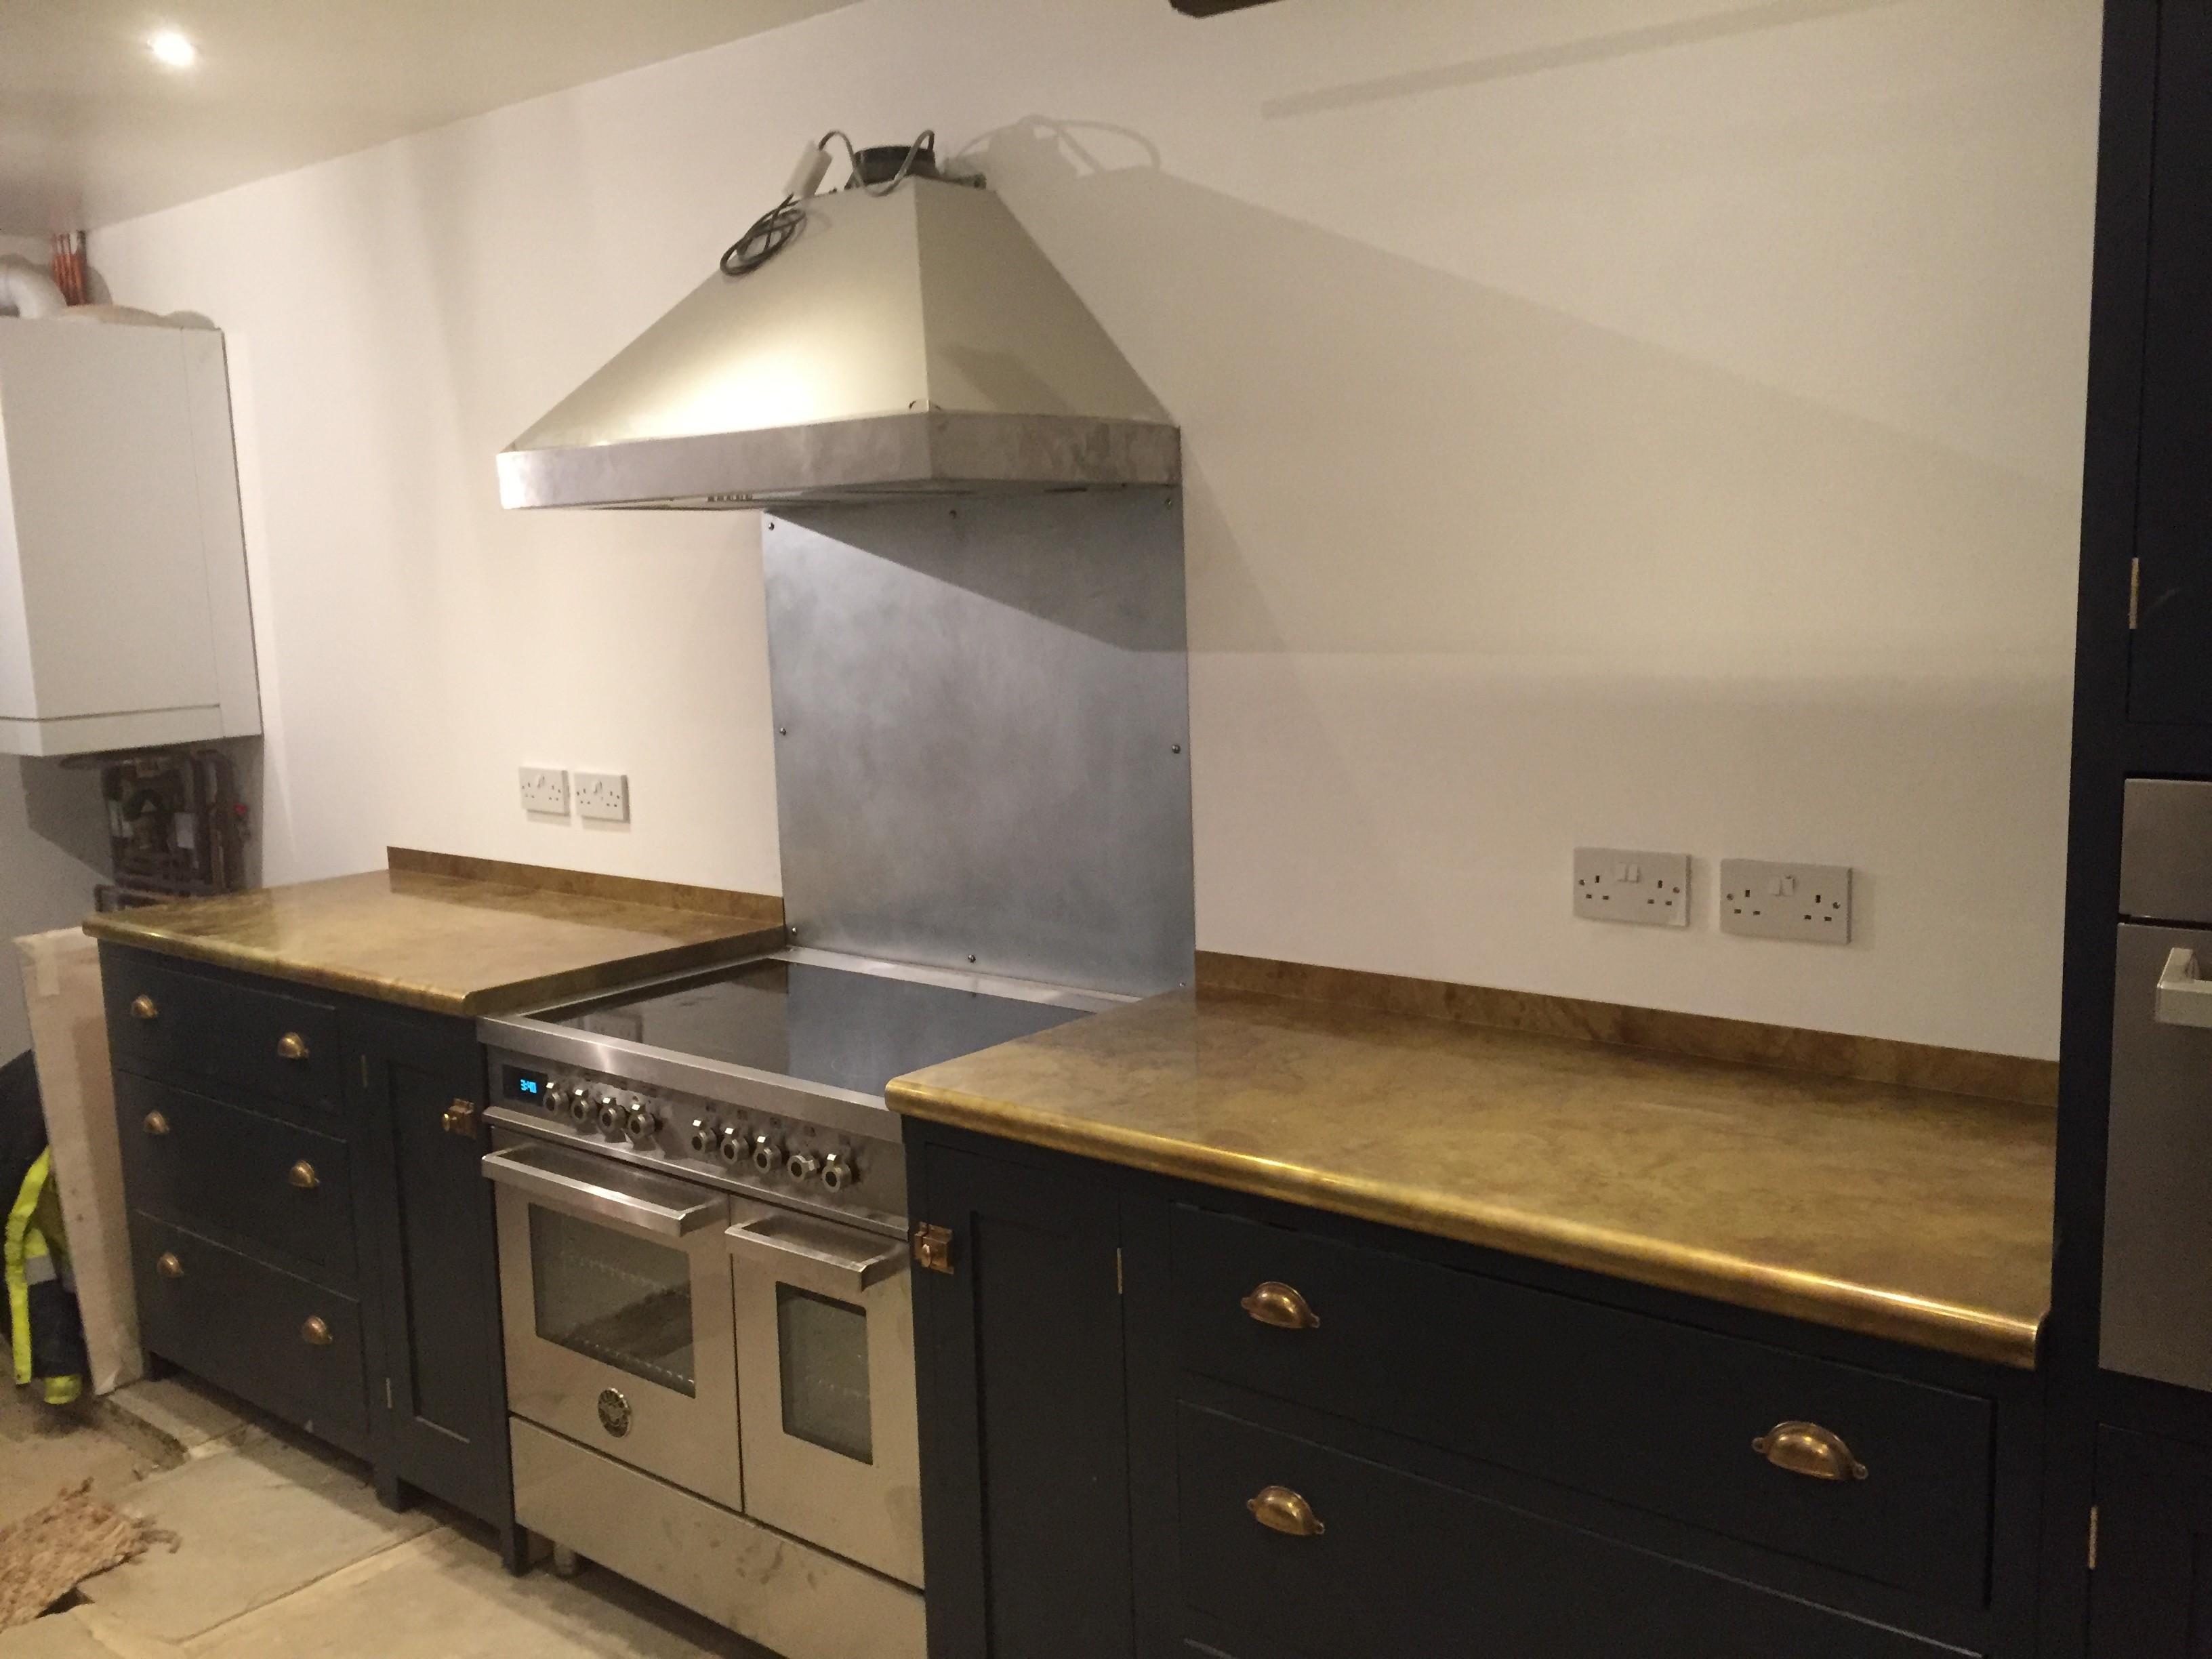 Kitchen Appliance Island Sunken Sink Adding An Still